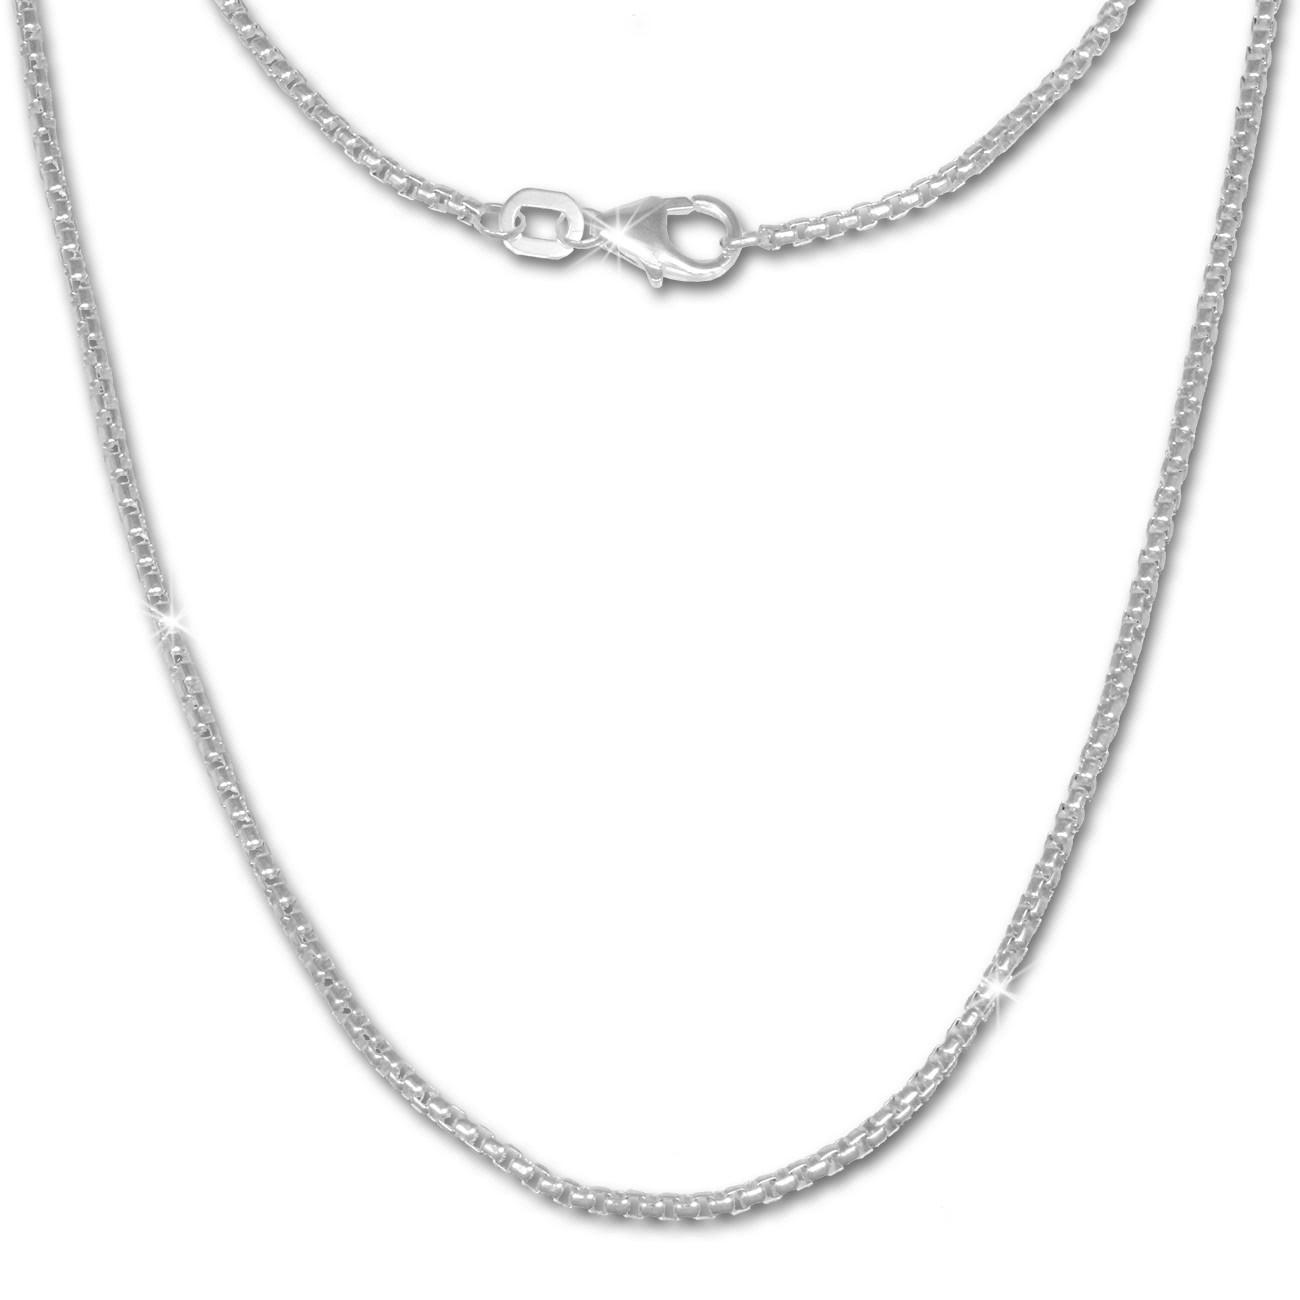 SilberDream Veneziakette rund 925 Silber Halskette 70cm Kette SDK20770